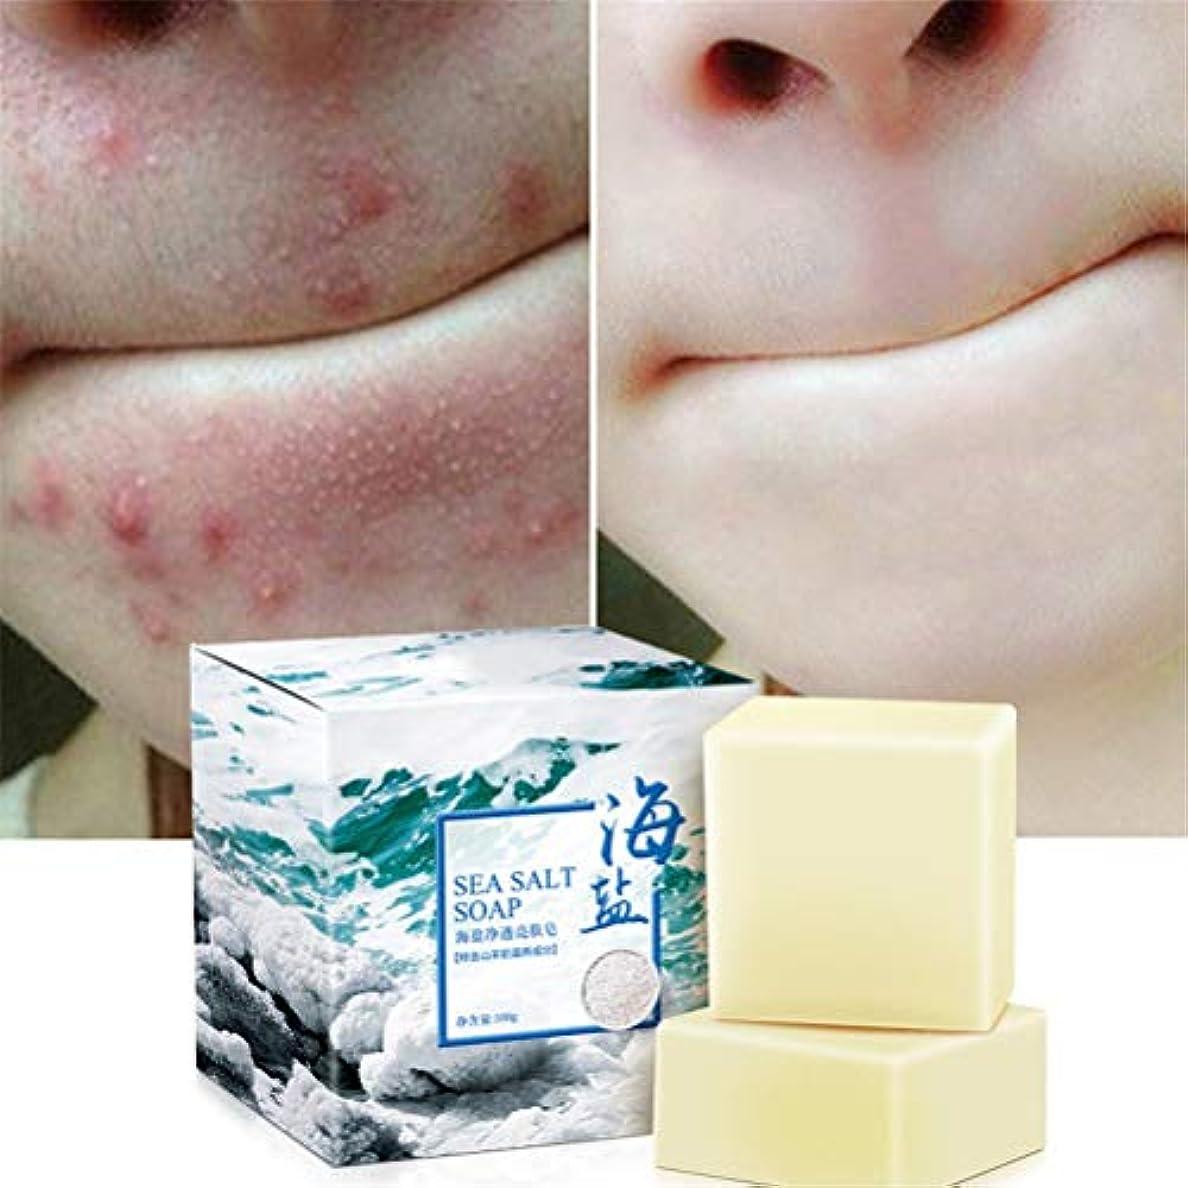 アストロラーベ損なう幸福Creacom 洗顔 石鹸 天然海塩 肌に優しい無添加 毛穴 対策 保湿 固形 毛穴 黒ずみ 肌荒れ くすみ ニキビ 美白 美肌 角質除去 肌荒れ 乾燥肌 オイル肌 混合肌 対策 全身可能 100g